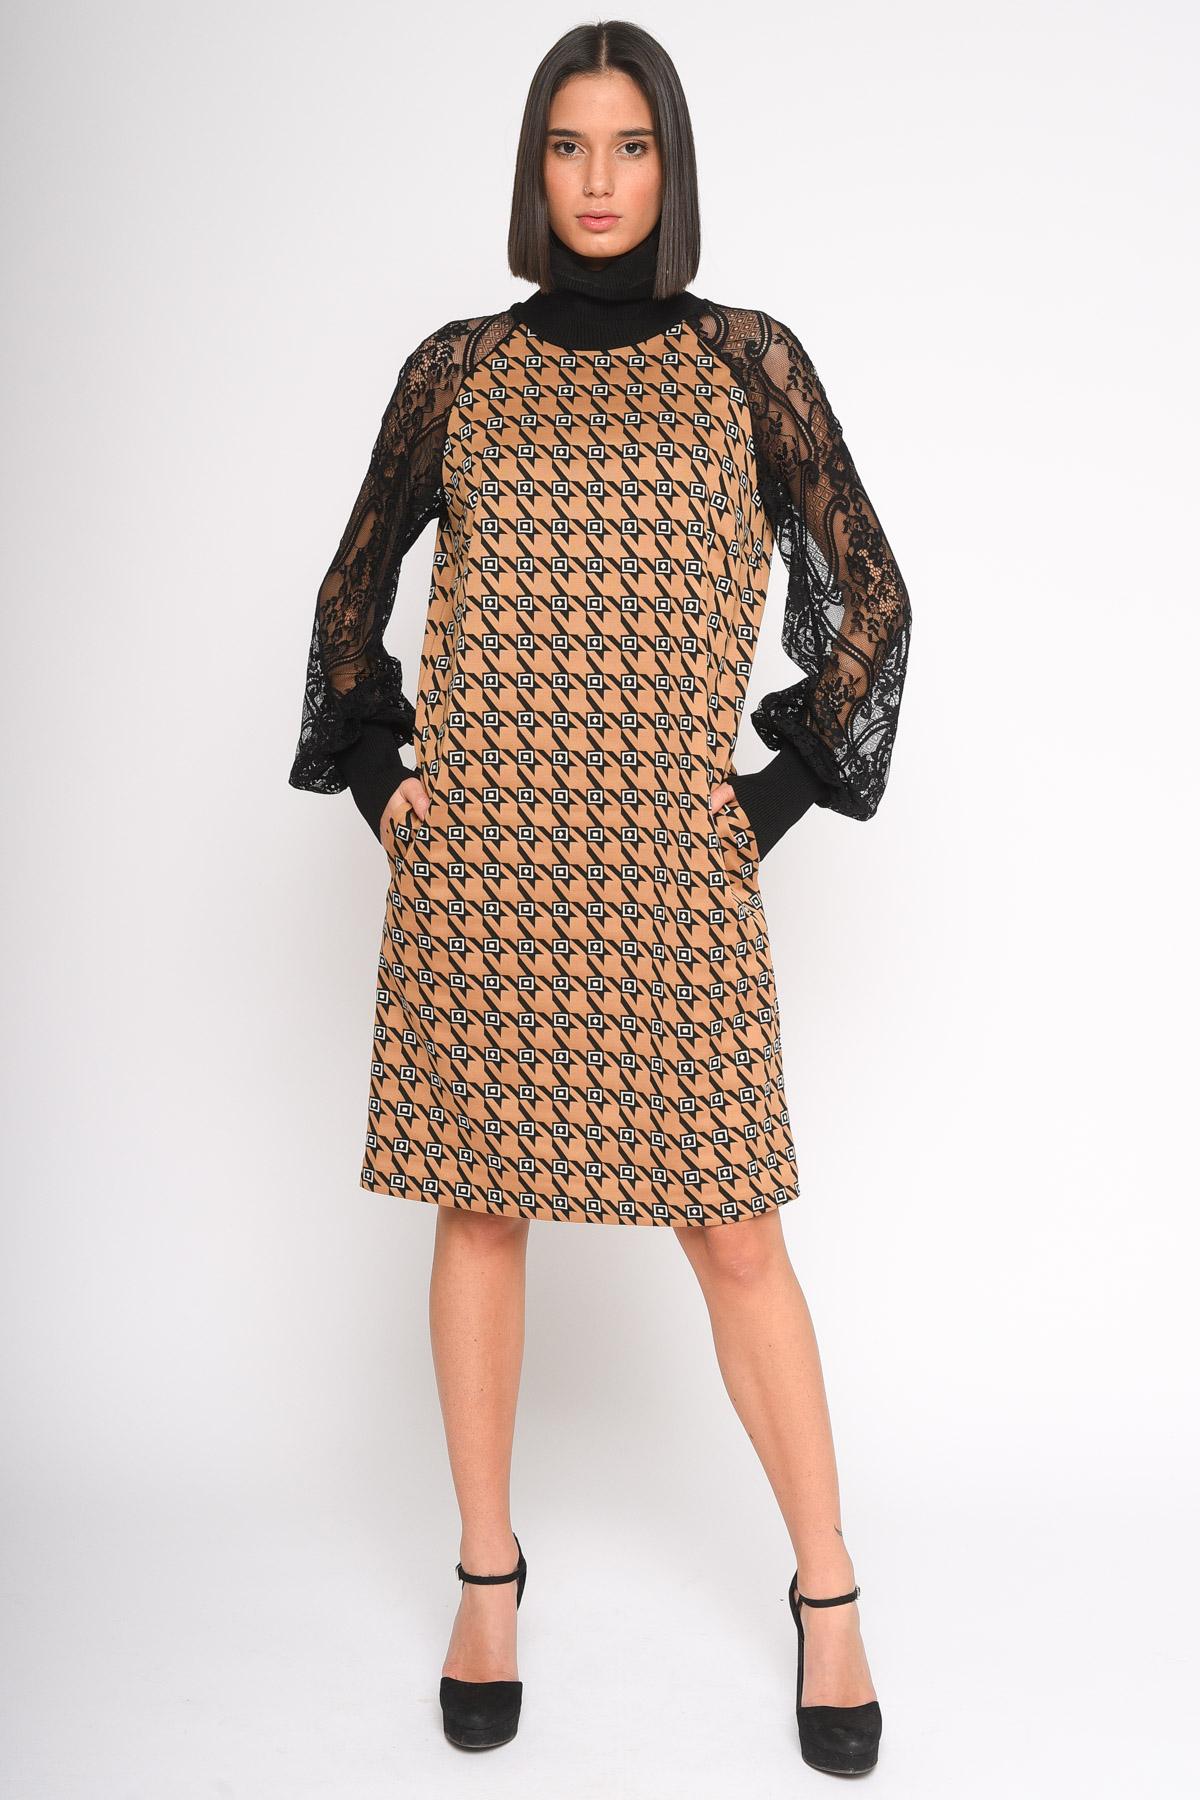 ABITO A COLLO ALTO IN FANTASIA CON MANICHE IN PIZZO  da donna - UNICA - Paquito Pronto Moda Shop Online